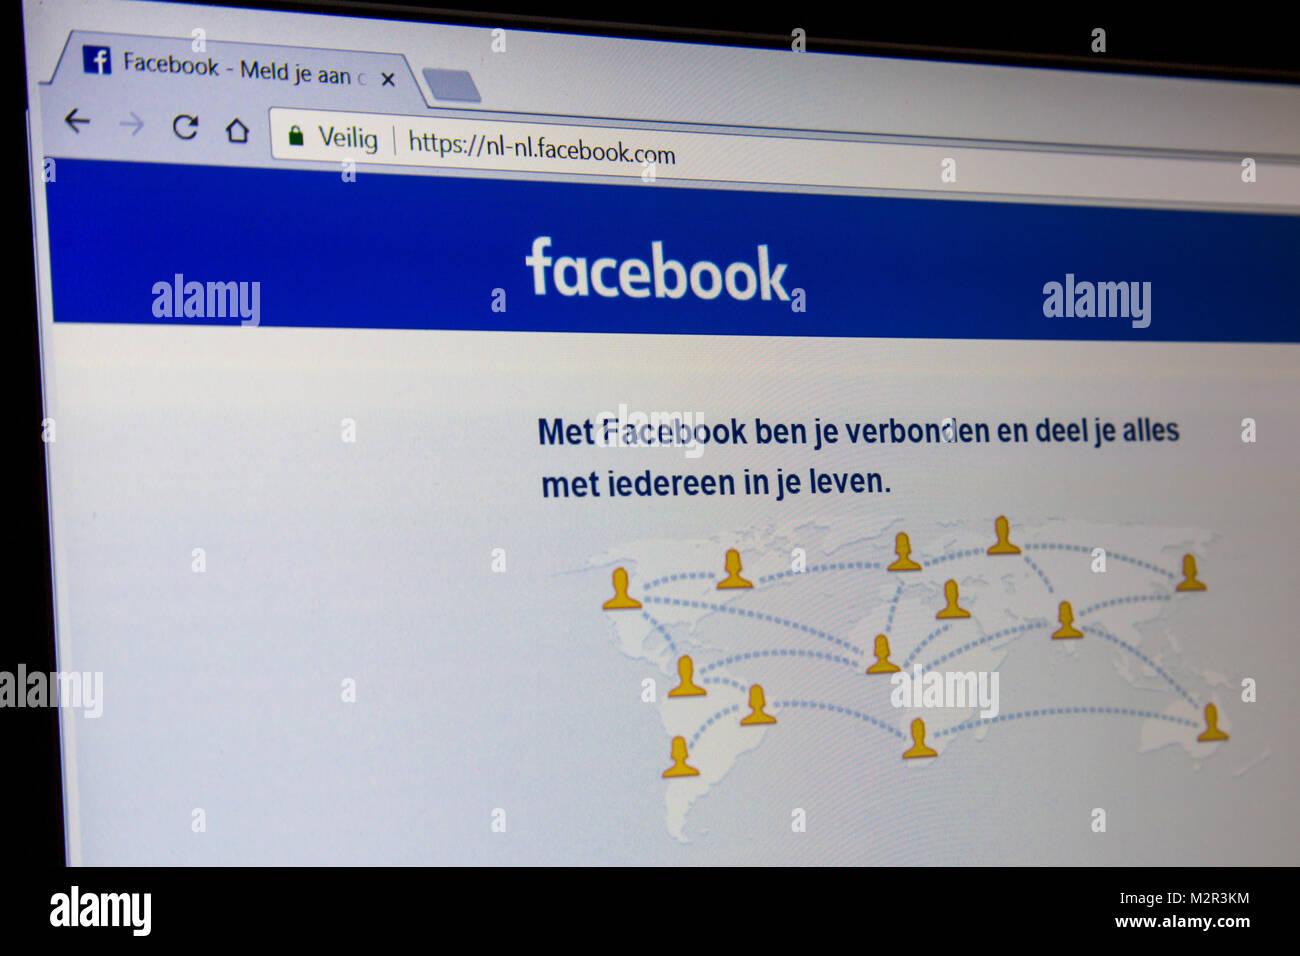 Los Países Bajos - Febrero 07, 2018: el holandés Página de Facebook, uno de los mayores sitios web Imagen De Stock